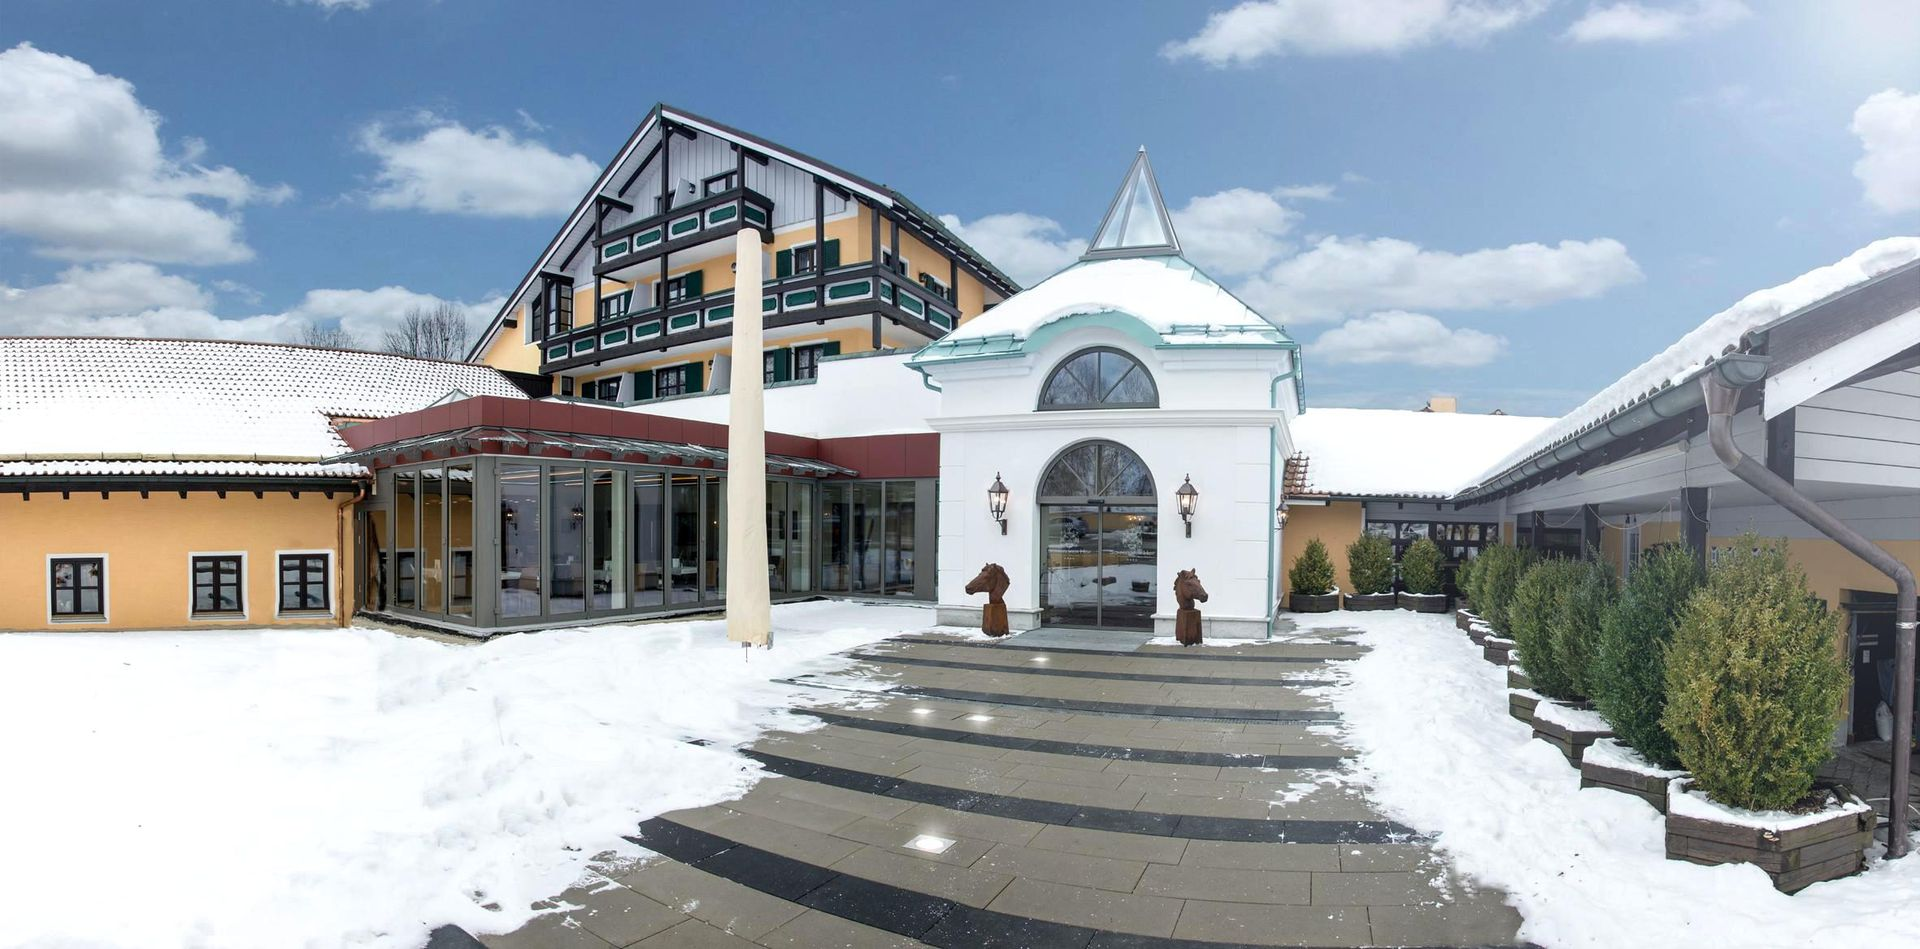 Meer info over Hotel Schmelmer Hof  bij Wintertrex